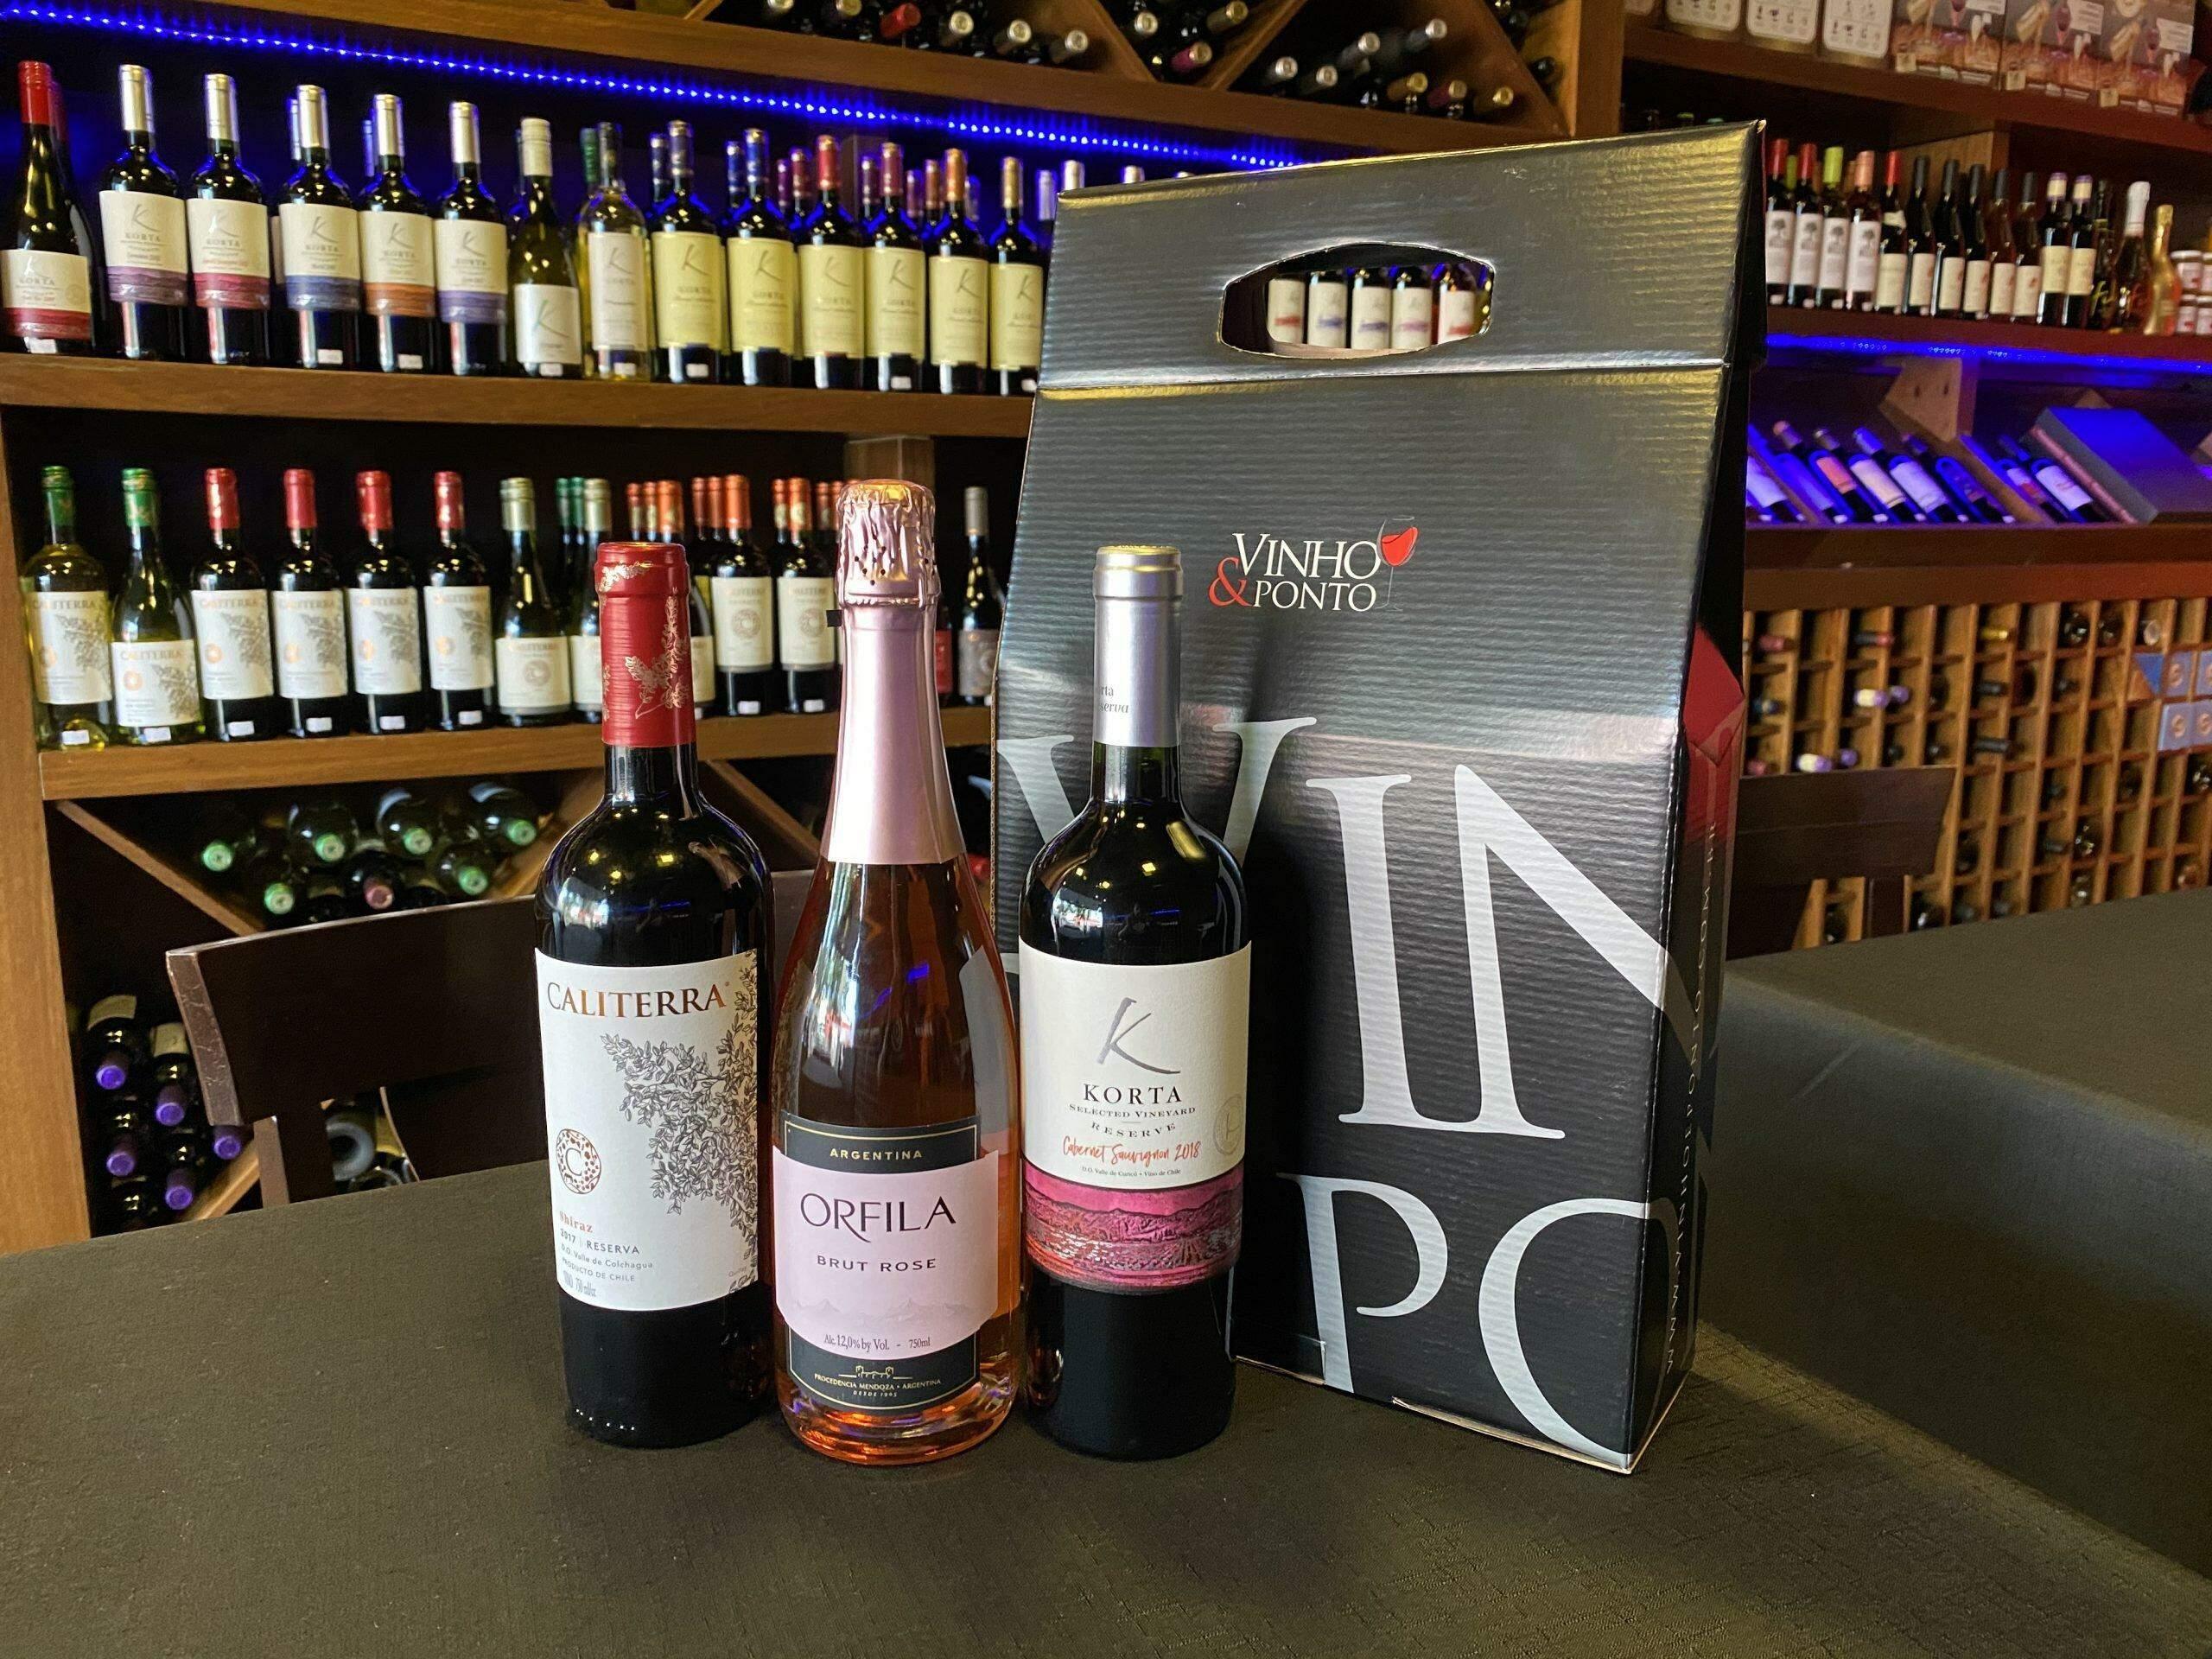 Black Friday Vinho & Ponto: 70% off na segunda garrafa, é pra zerar o estoque e encher sua adega